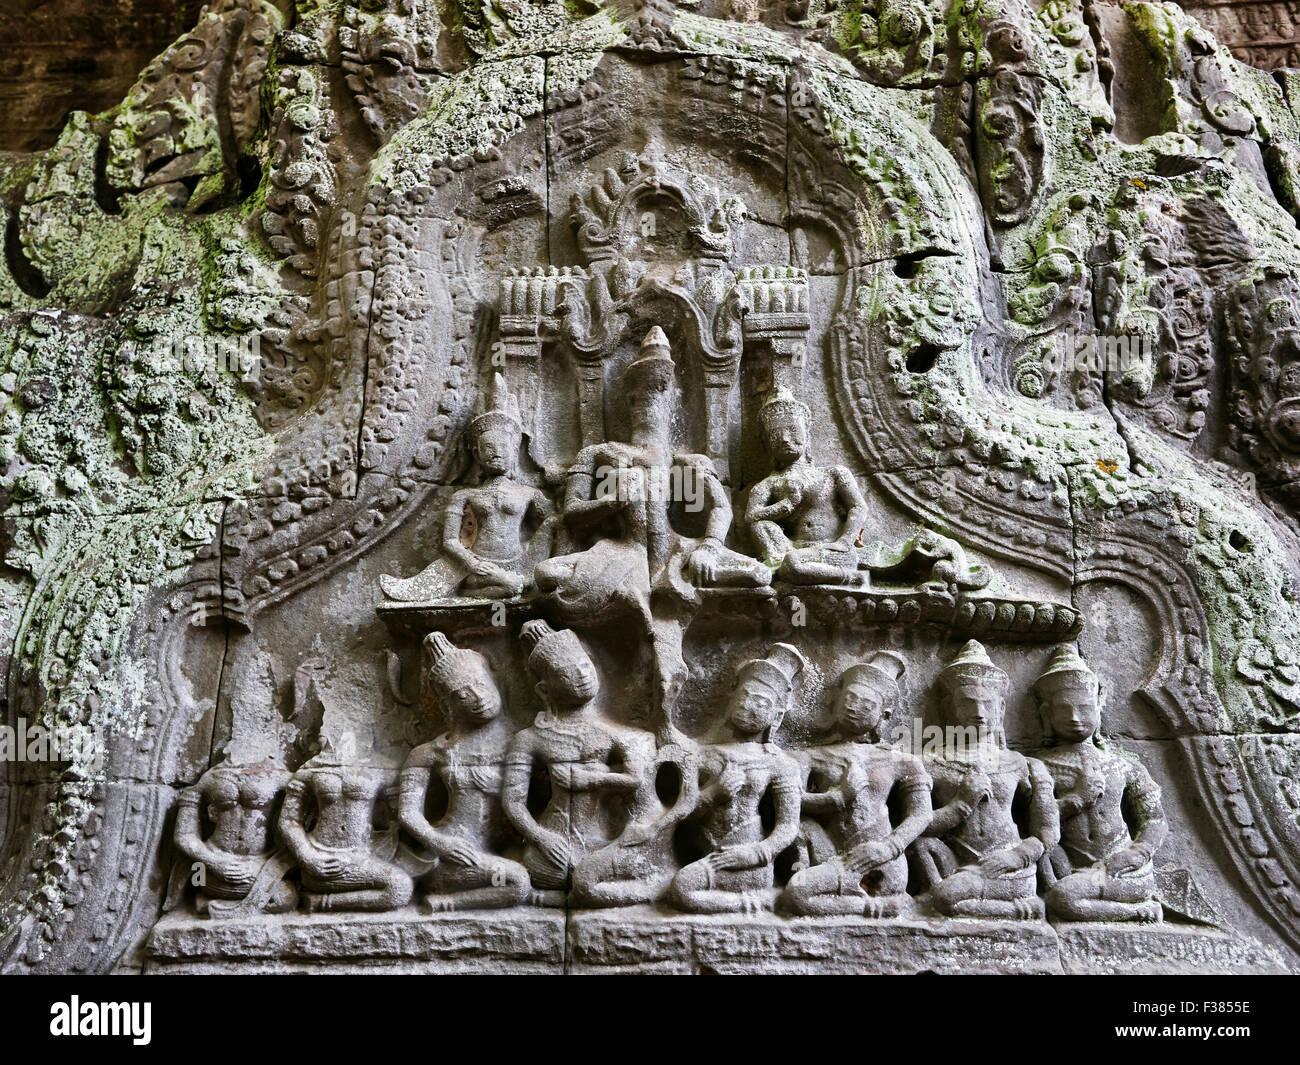 Scultura in pietra in Ta Prohm tempio. Parco Archeologico di Angkor, Siem Reap Provincia, in Cambogia. Immagini Stock